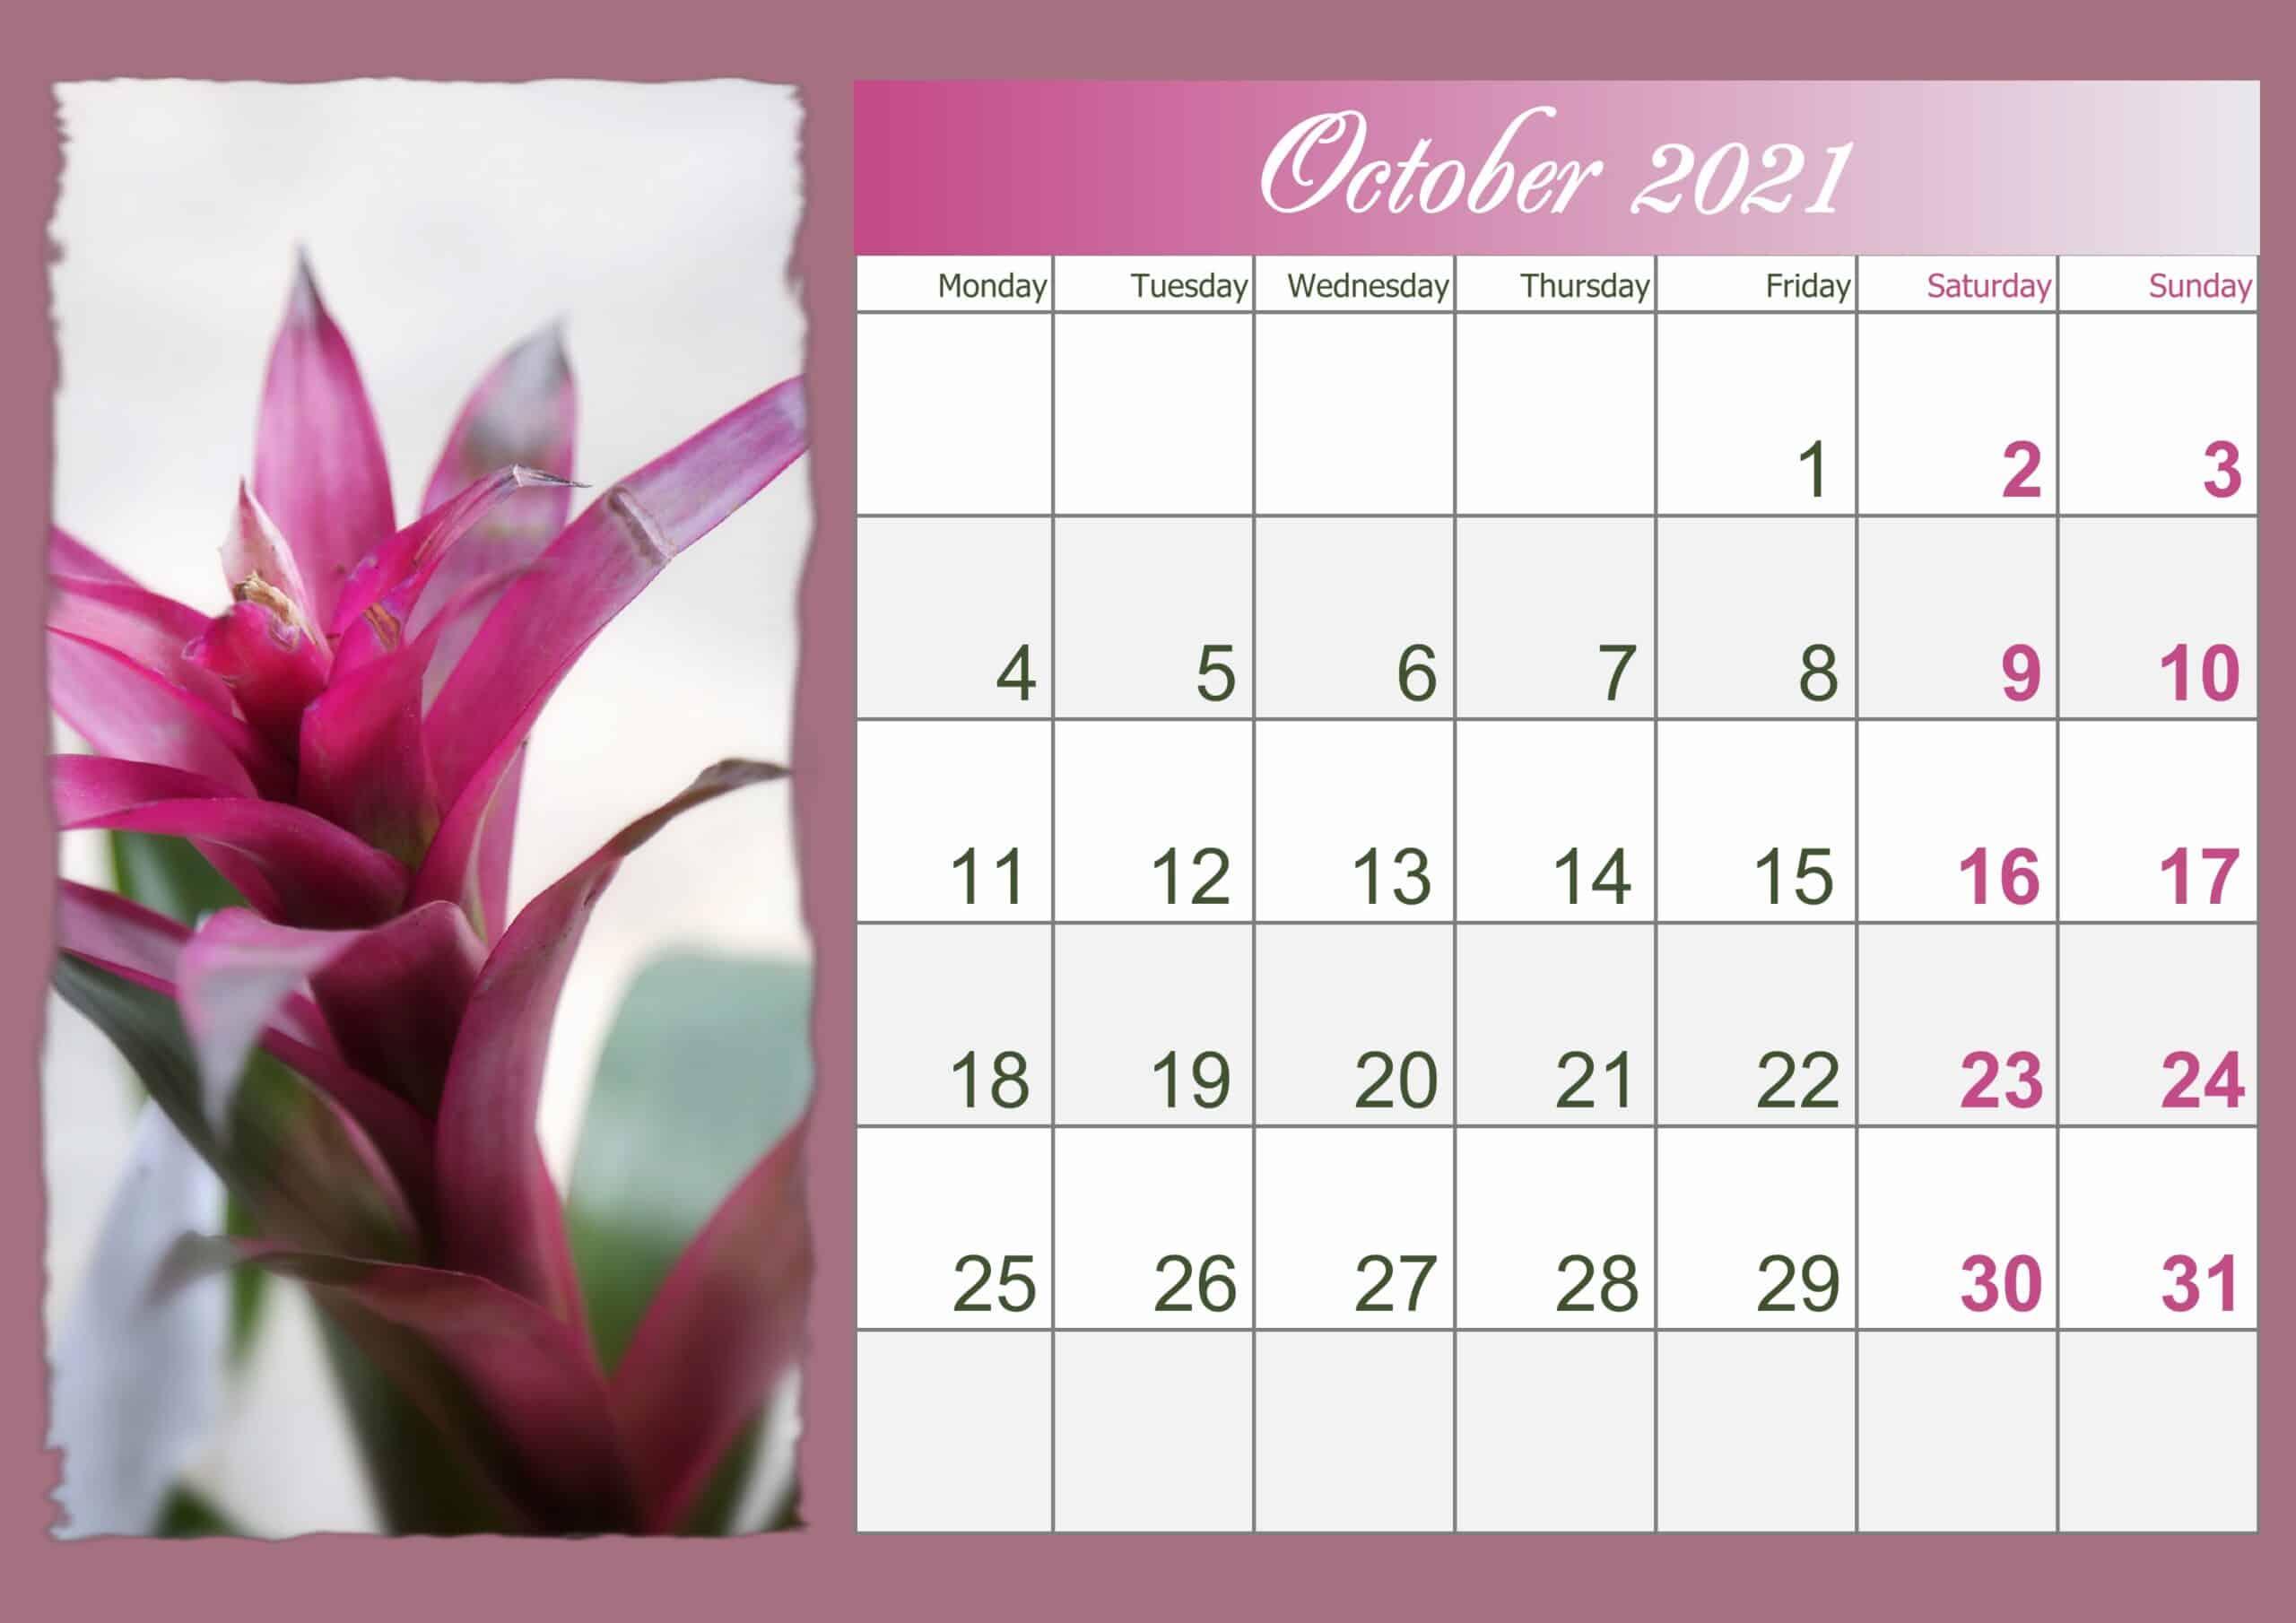 October Printable 2021 Calendar